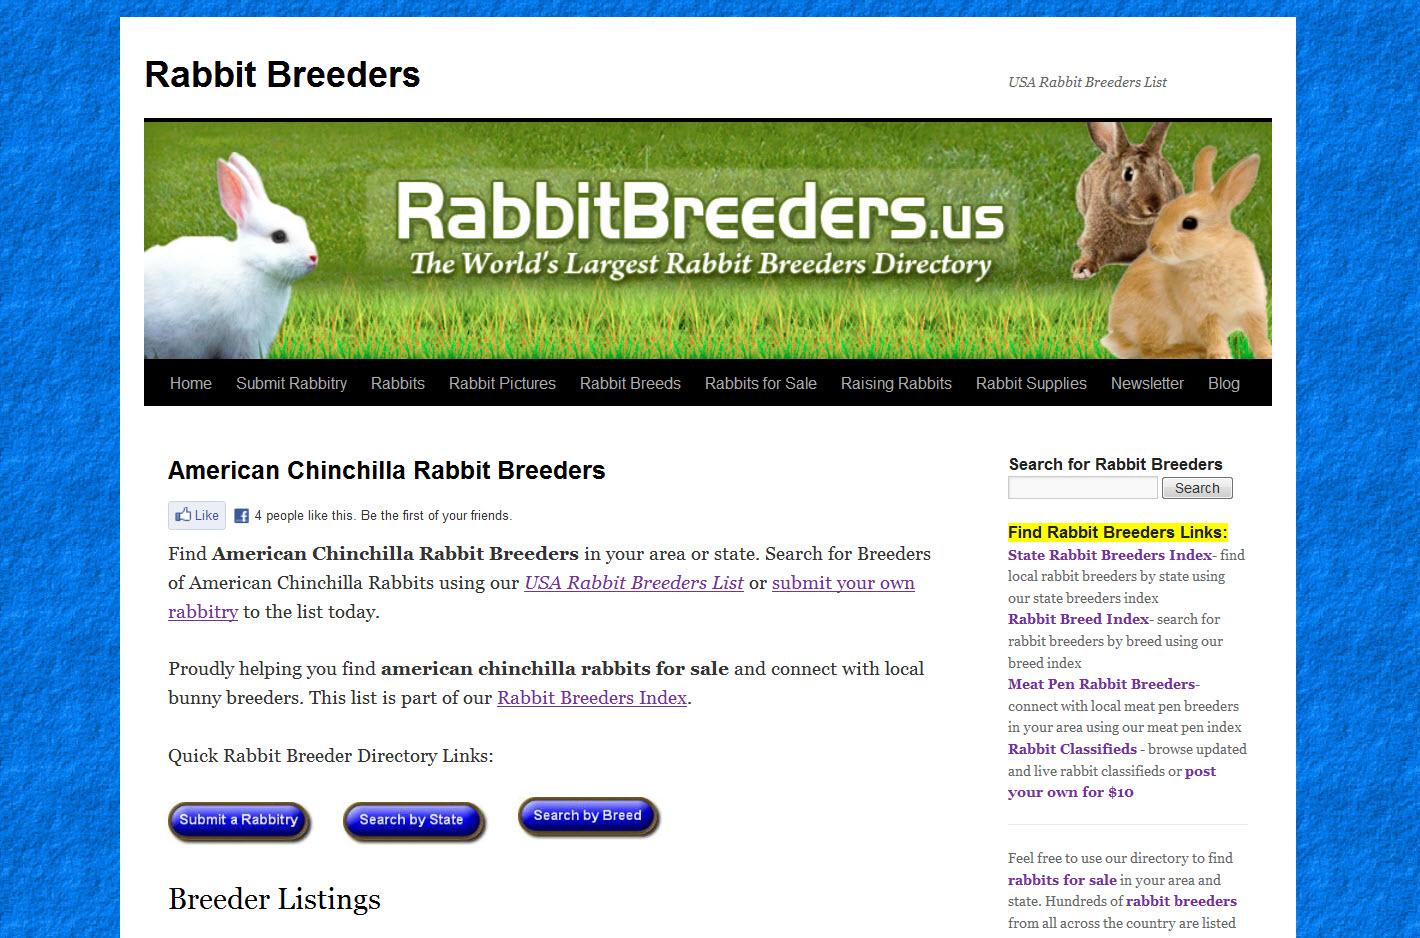 American Chinchilla Rabbits for Sale